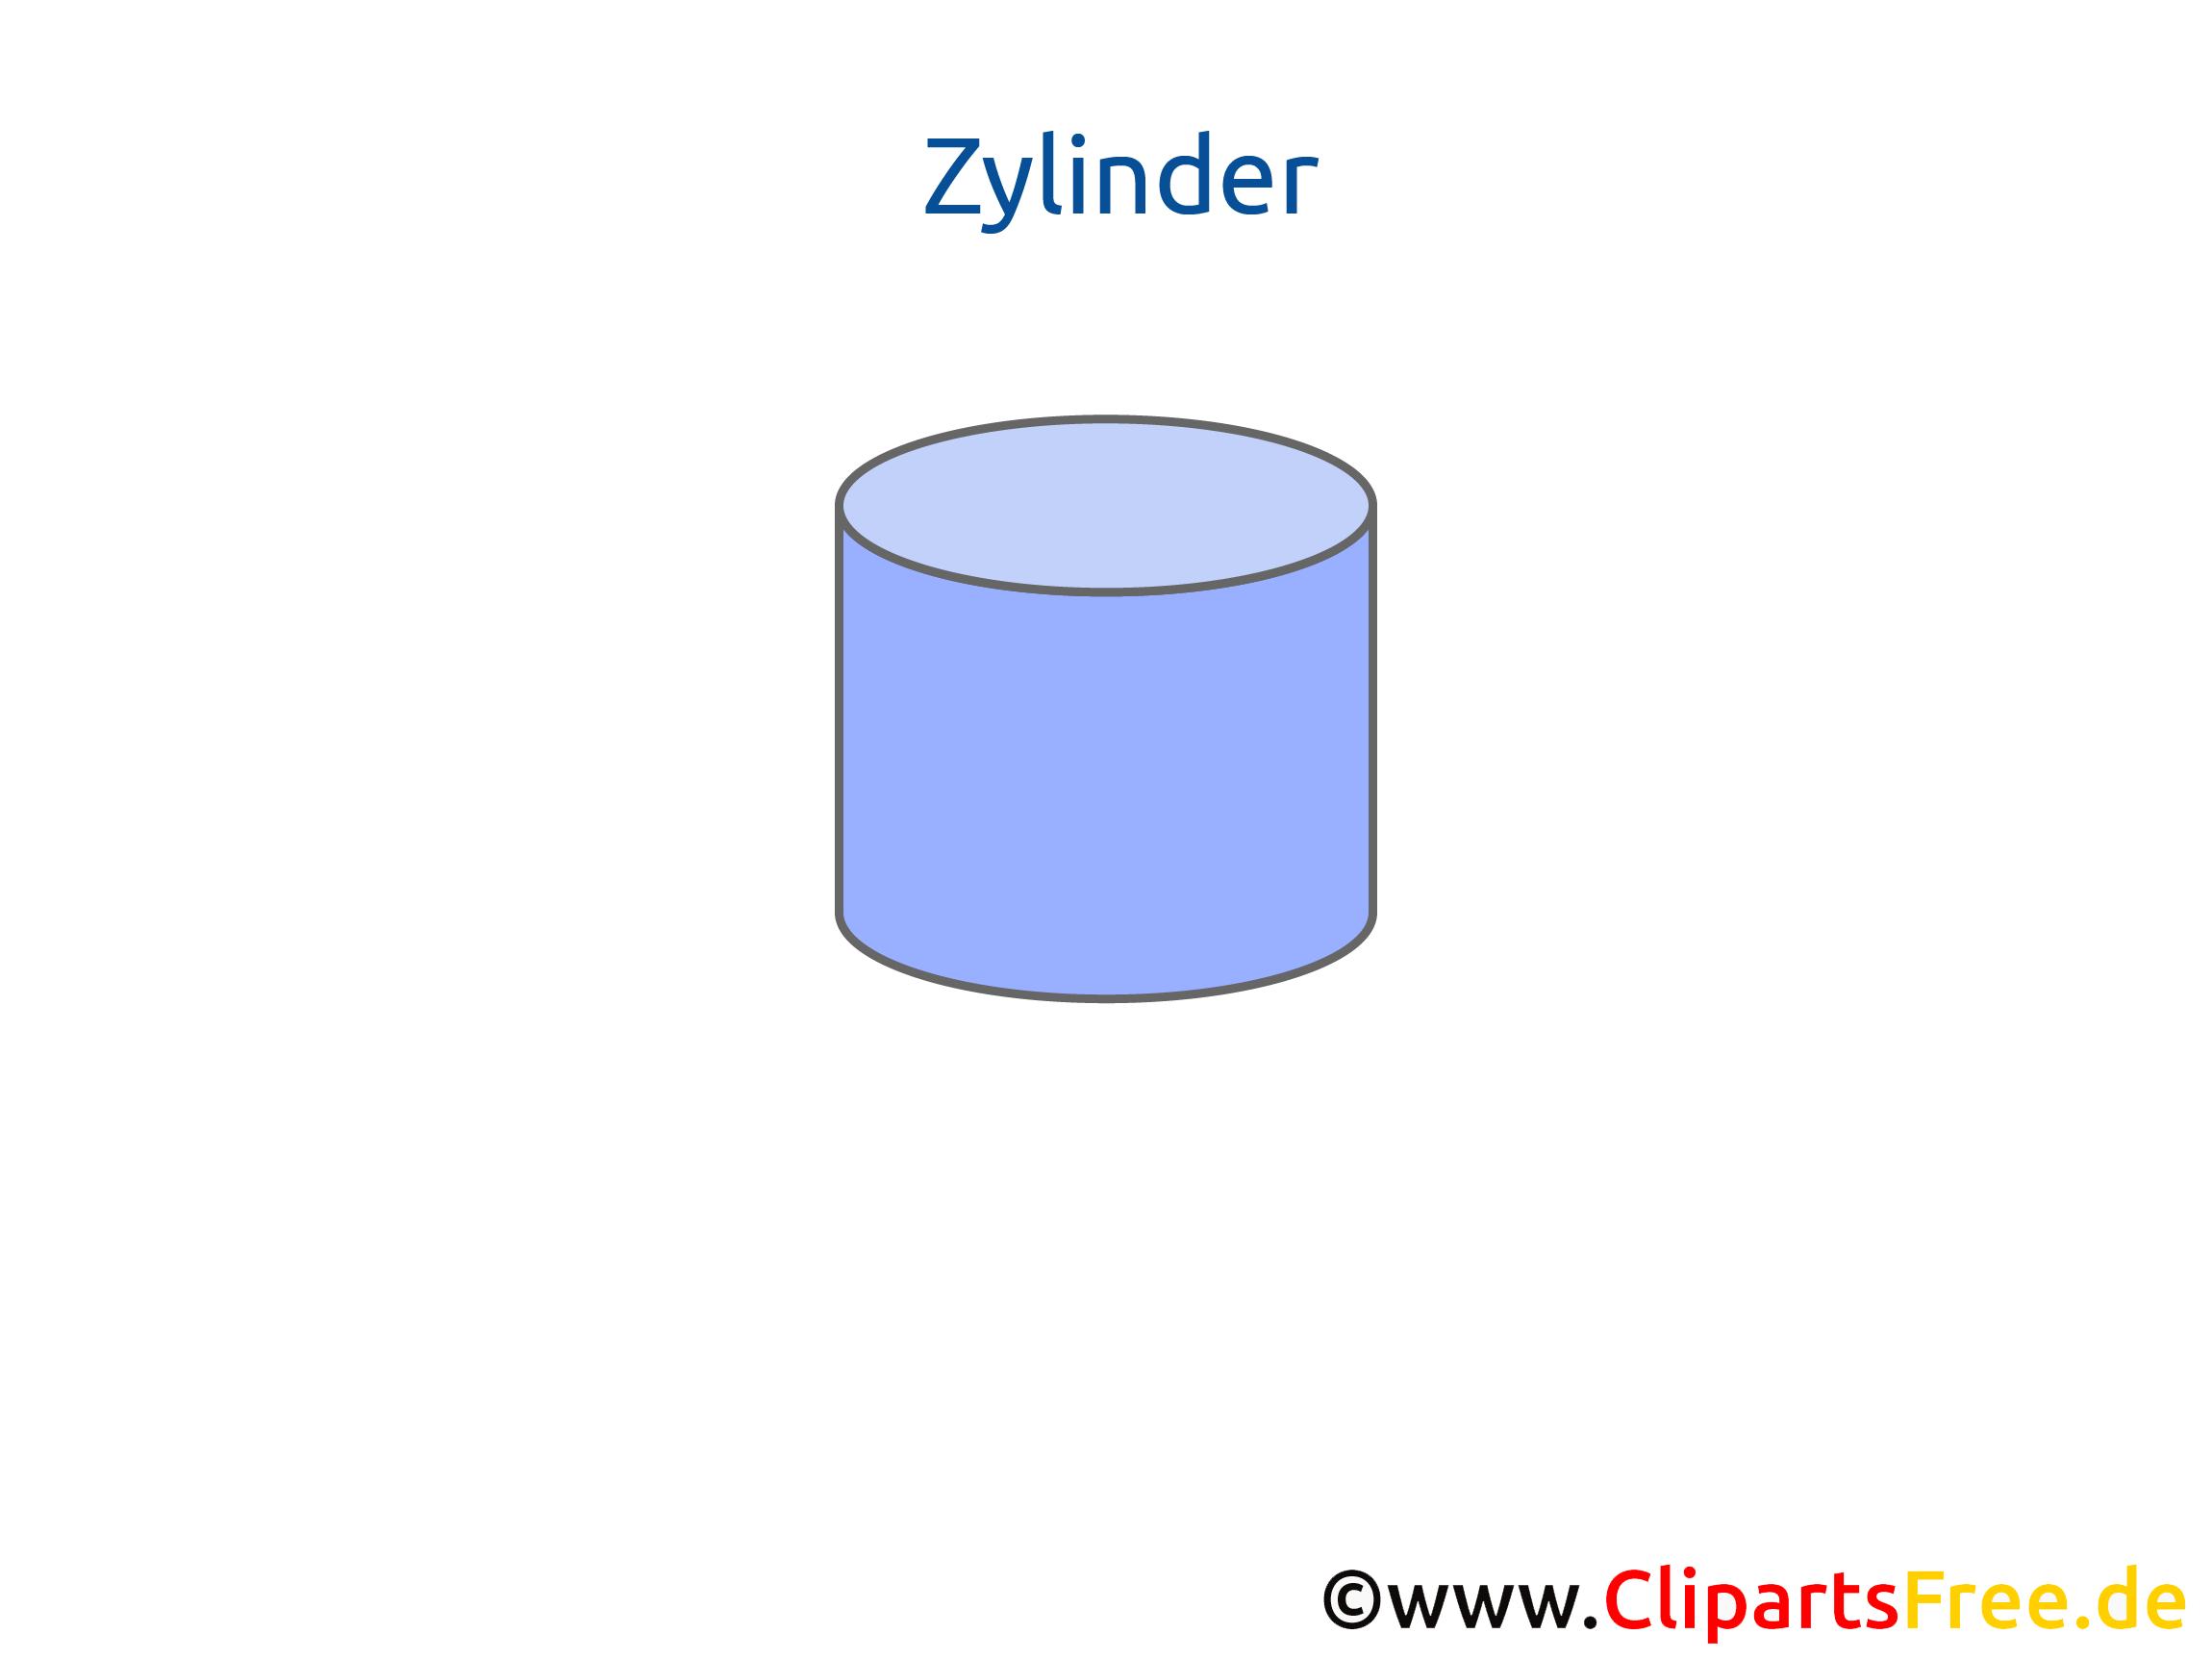 Zylinder Geometrische Formen Grundschule Arbeitsblatt kostenlos